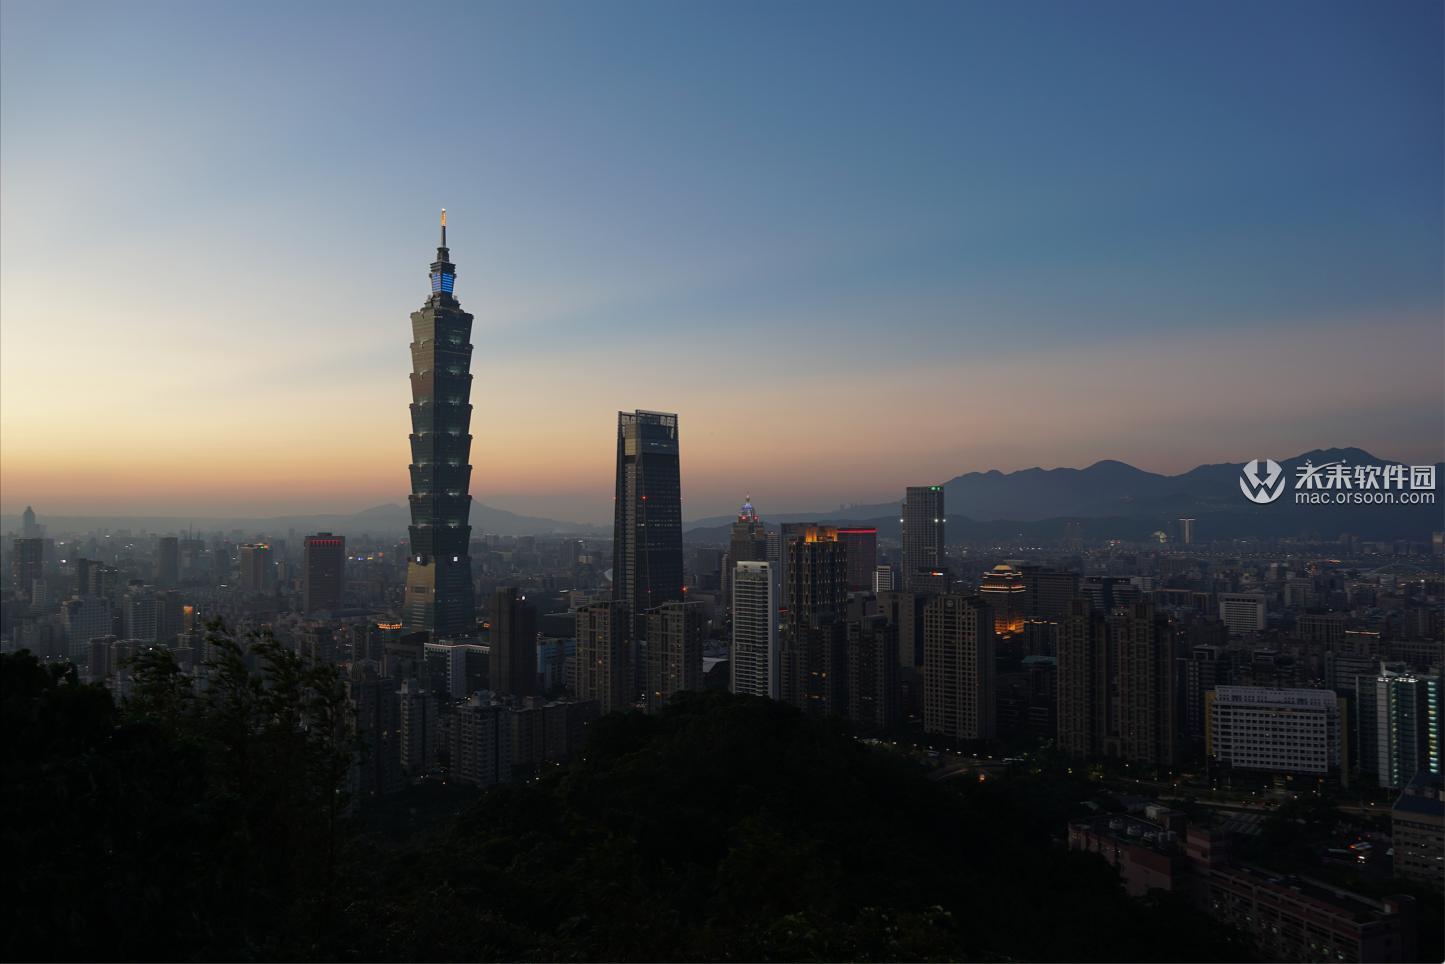 台北101大厦高清动态壁纸